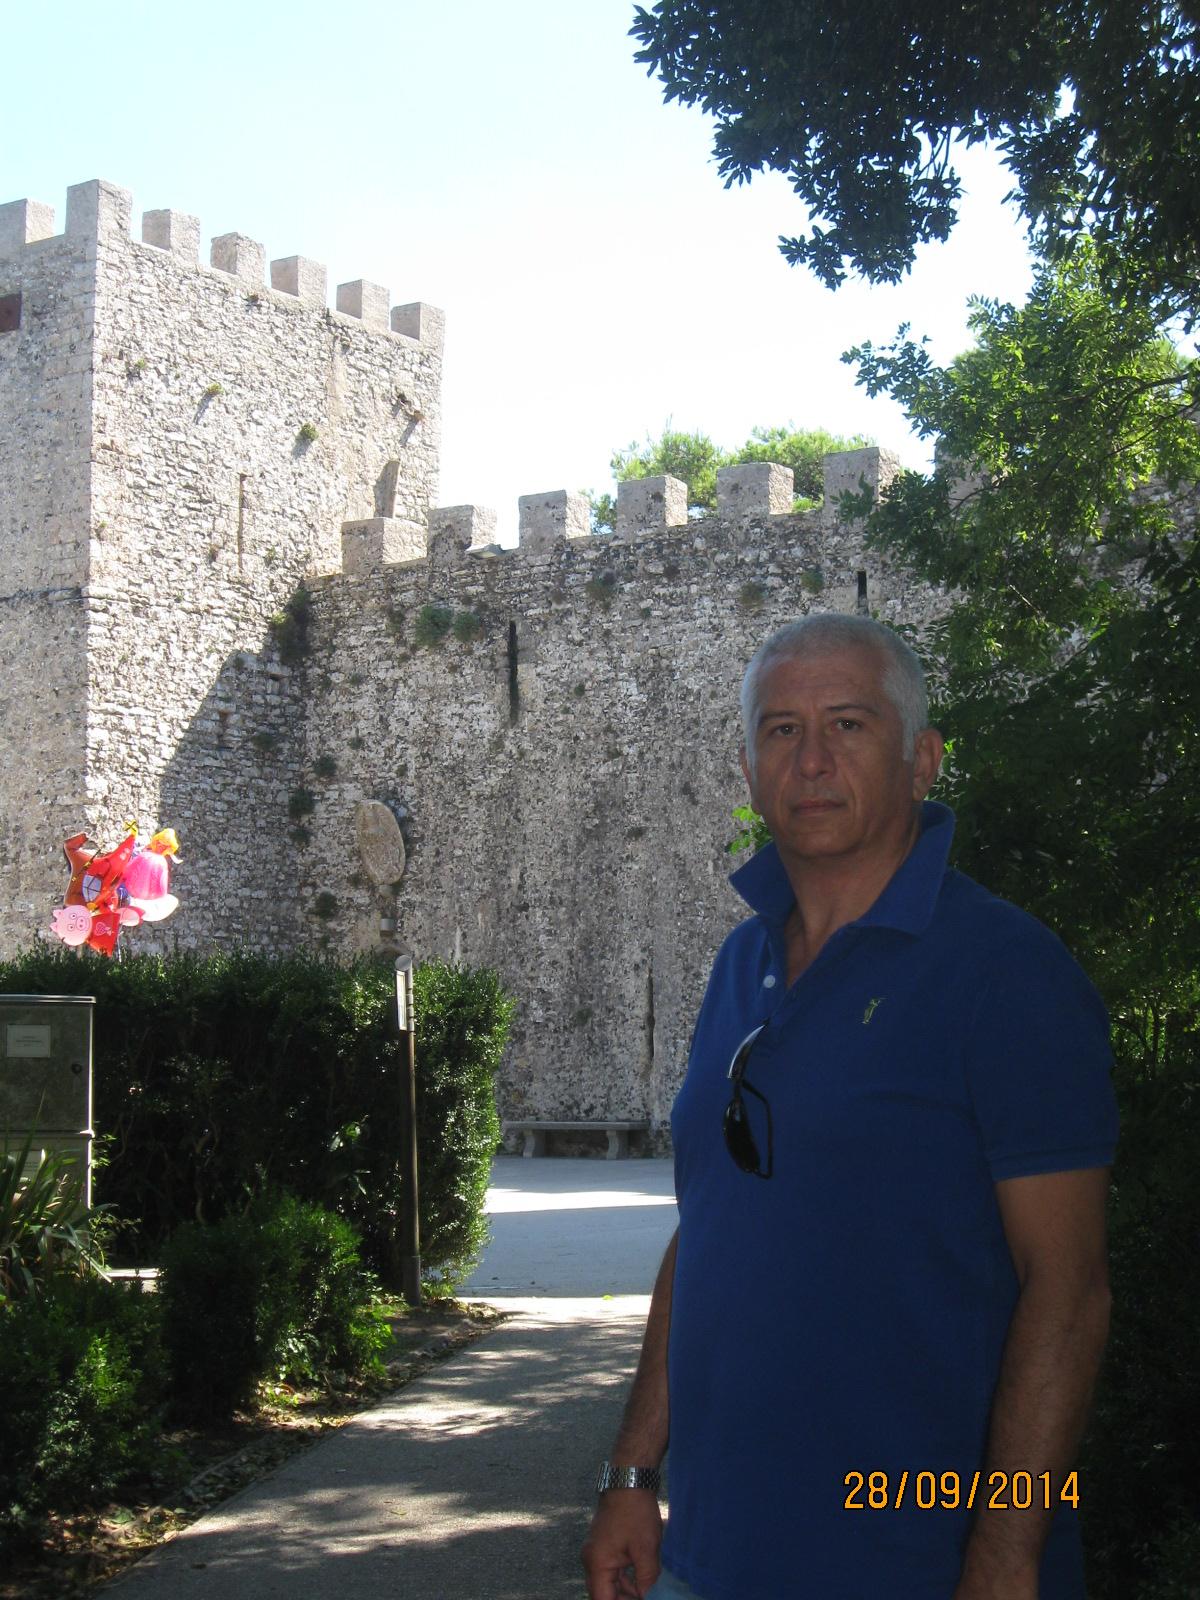 ERICE  28.09.2014 CASTELLO DI VENERE